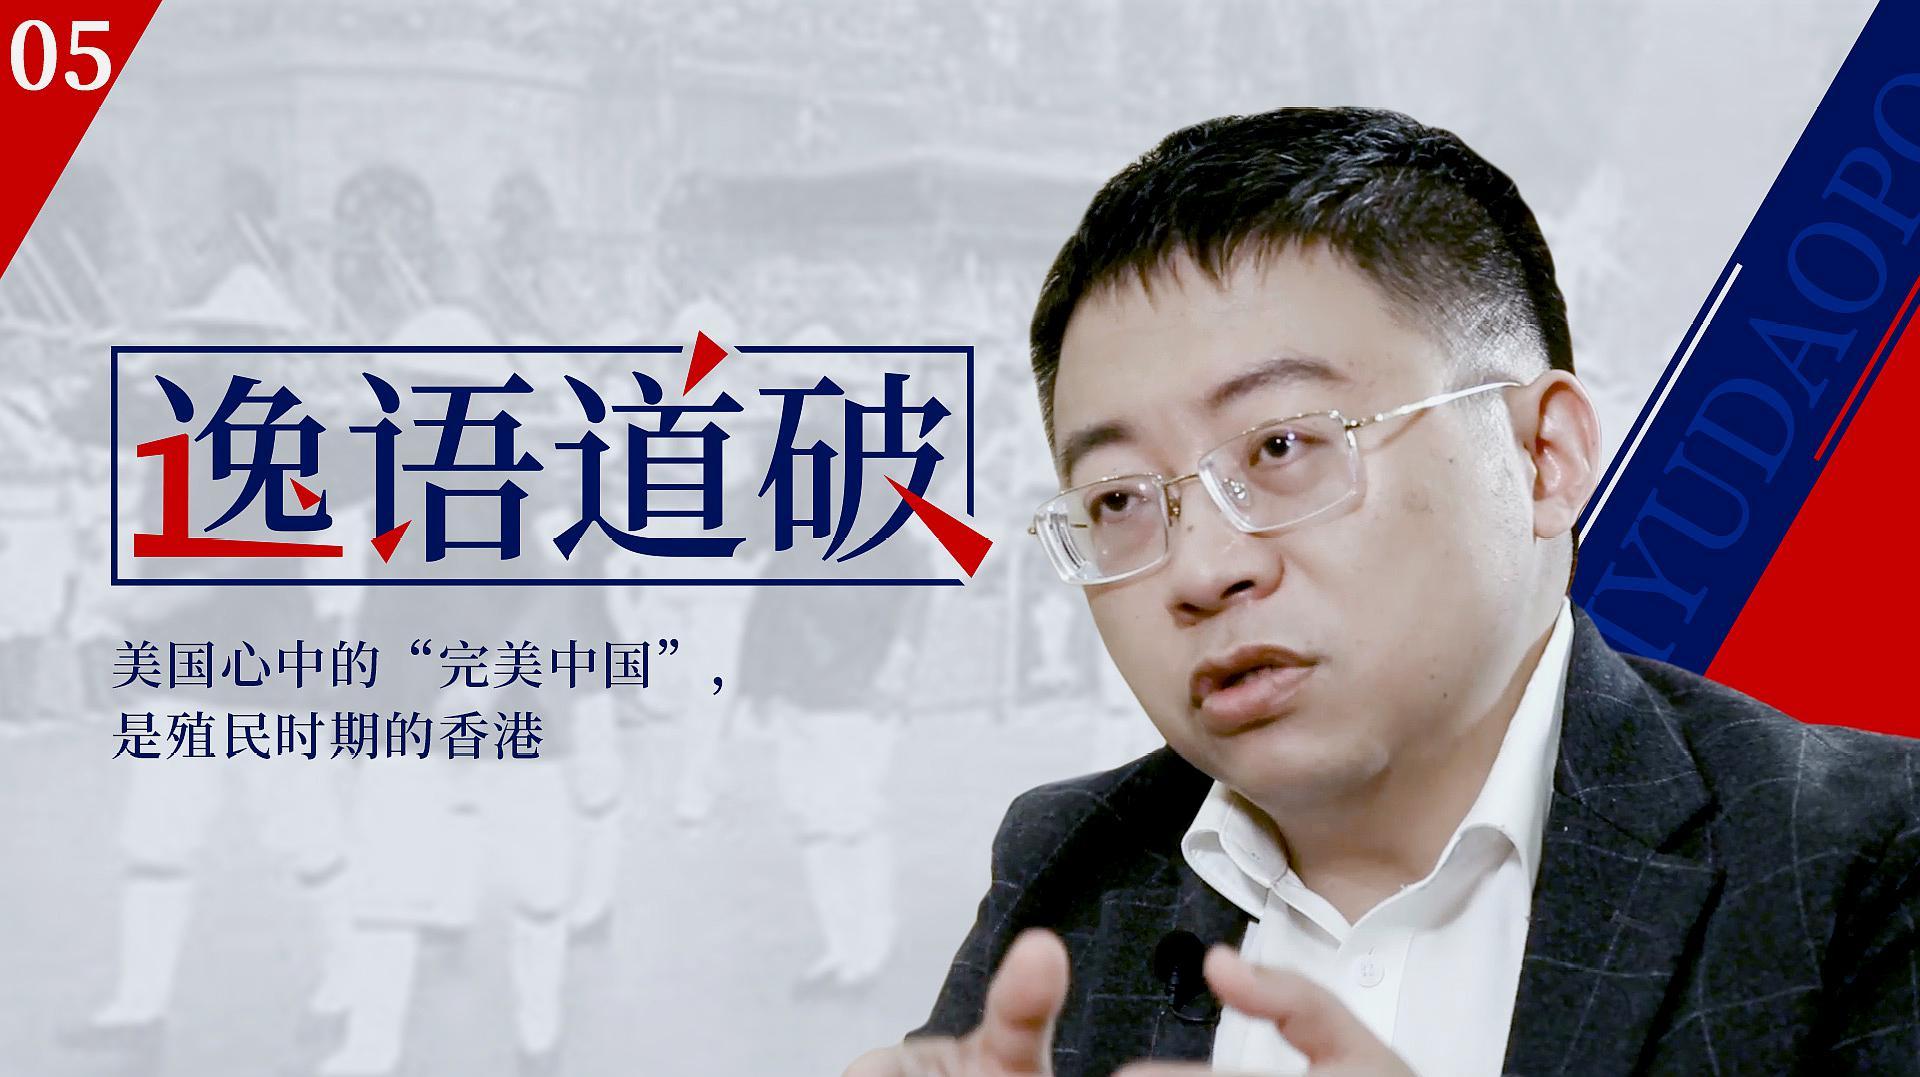 """「逸语道破05」美国心中的""""完美中国"""",是殖民时期的香港"""